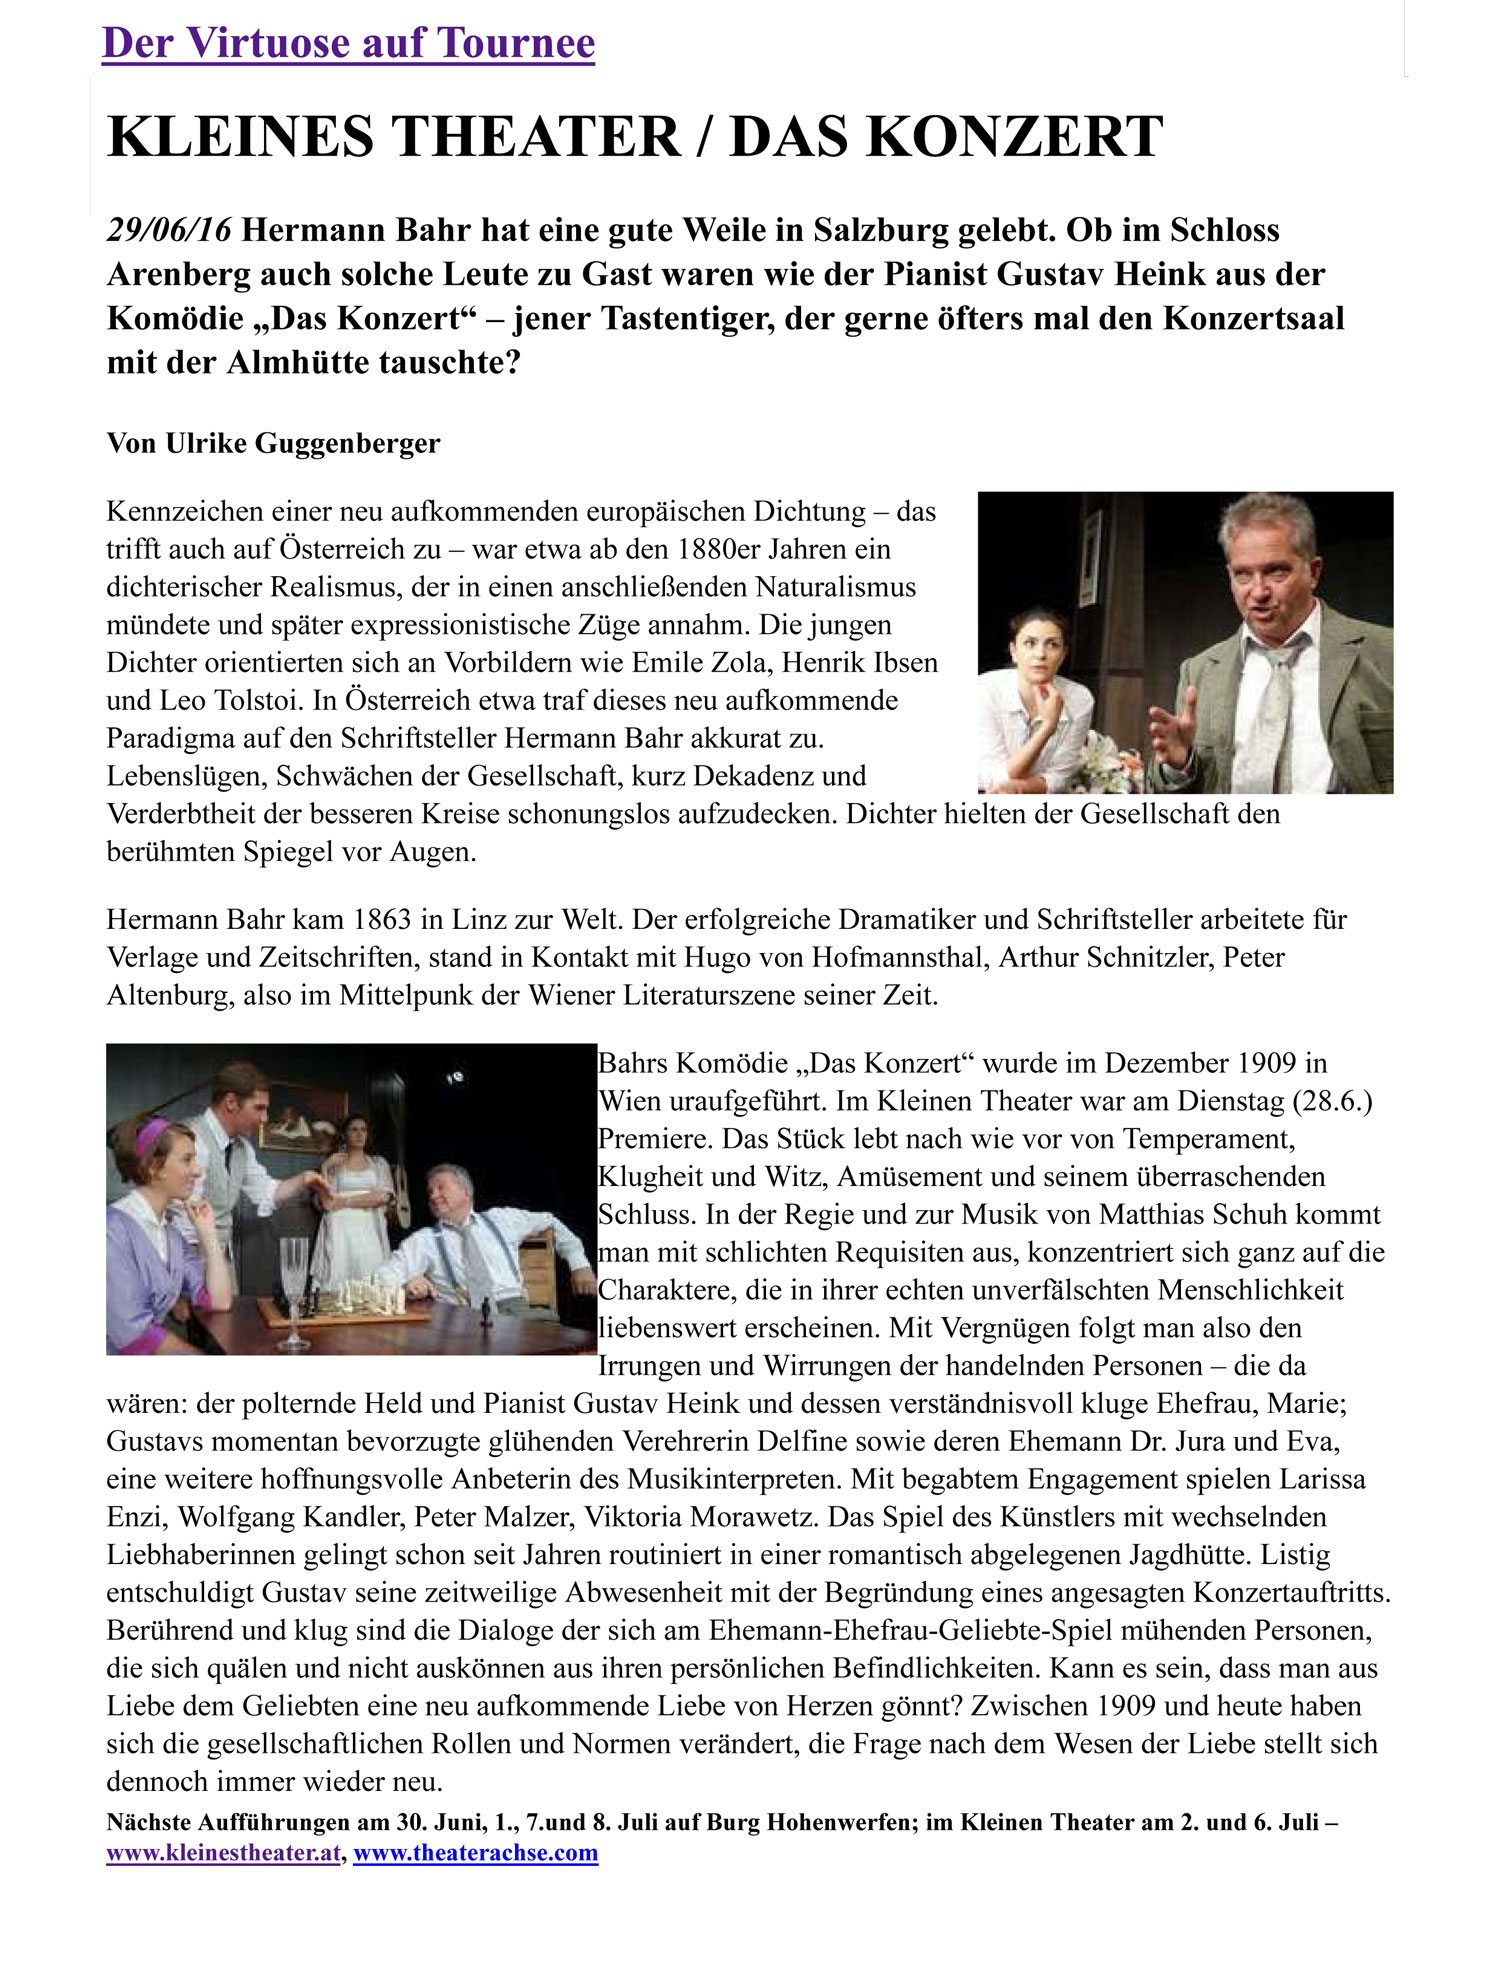 20160704 KRI Drehpunktkultur Das Konzert - Der Virtuose auf Tournee – Drehpunktkultur vom 04.07.2016